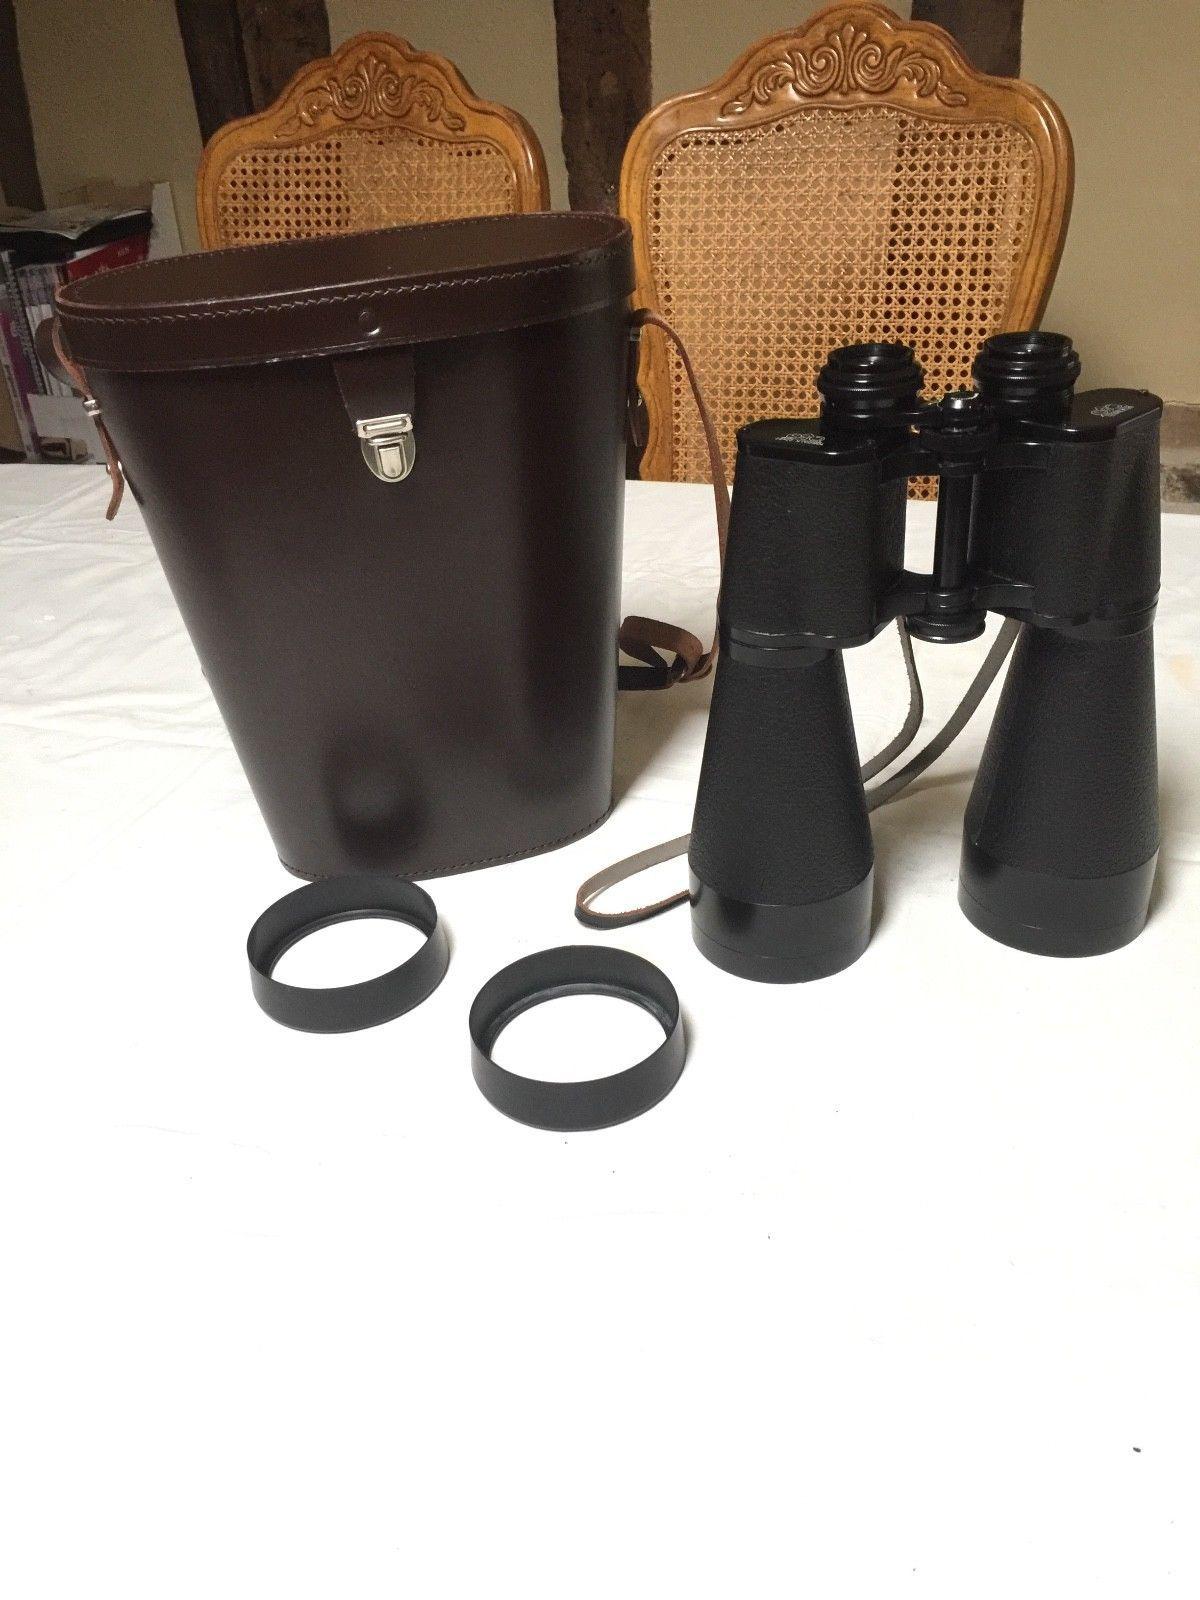 Old Binoculars - Beck Kassel Binoculars - Tordalk 22x80 Vintage ...